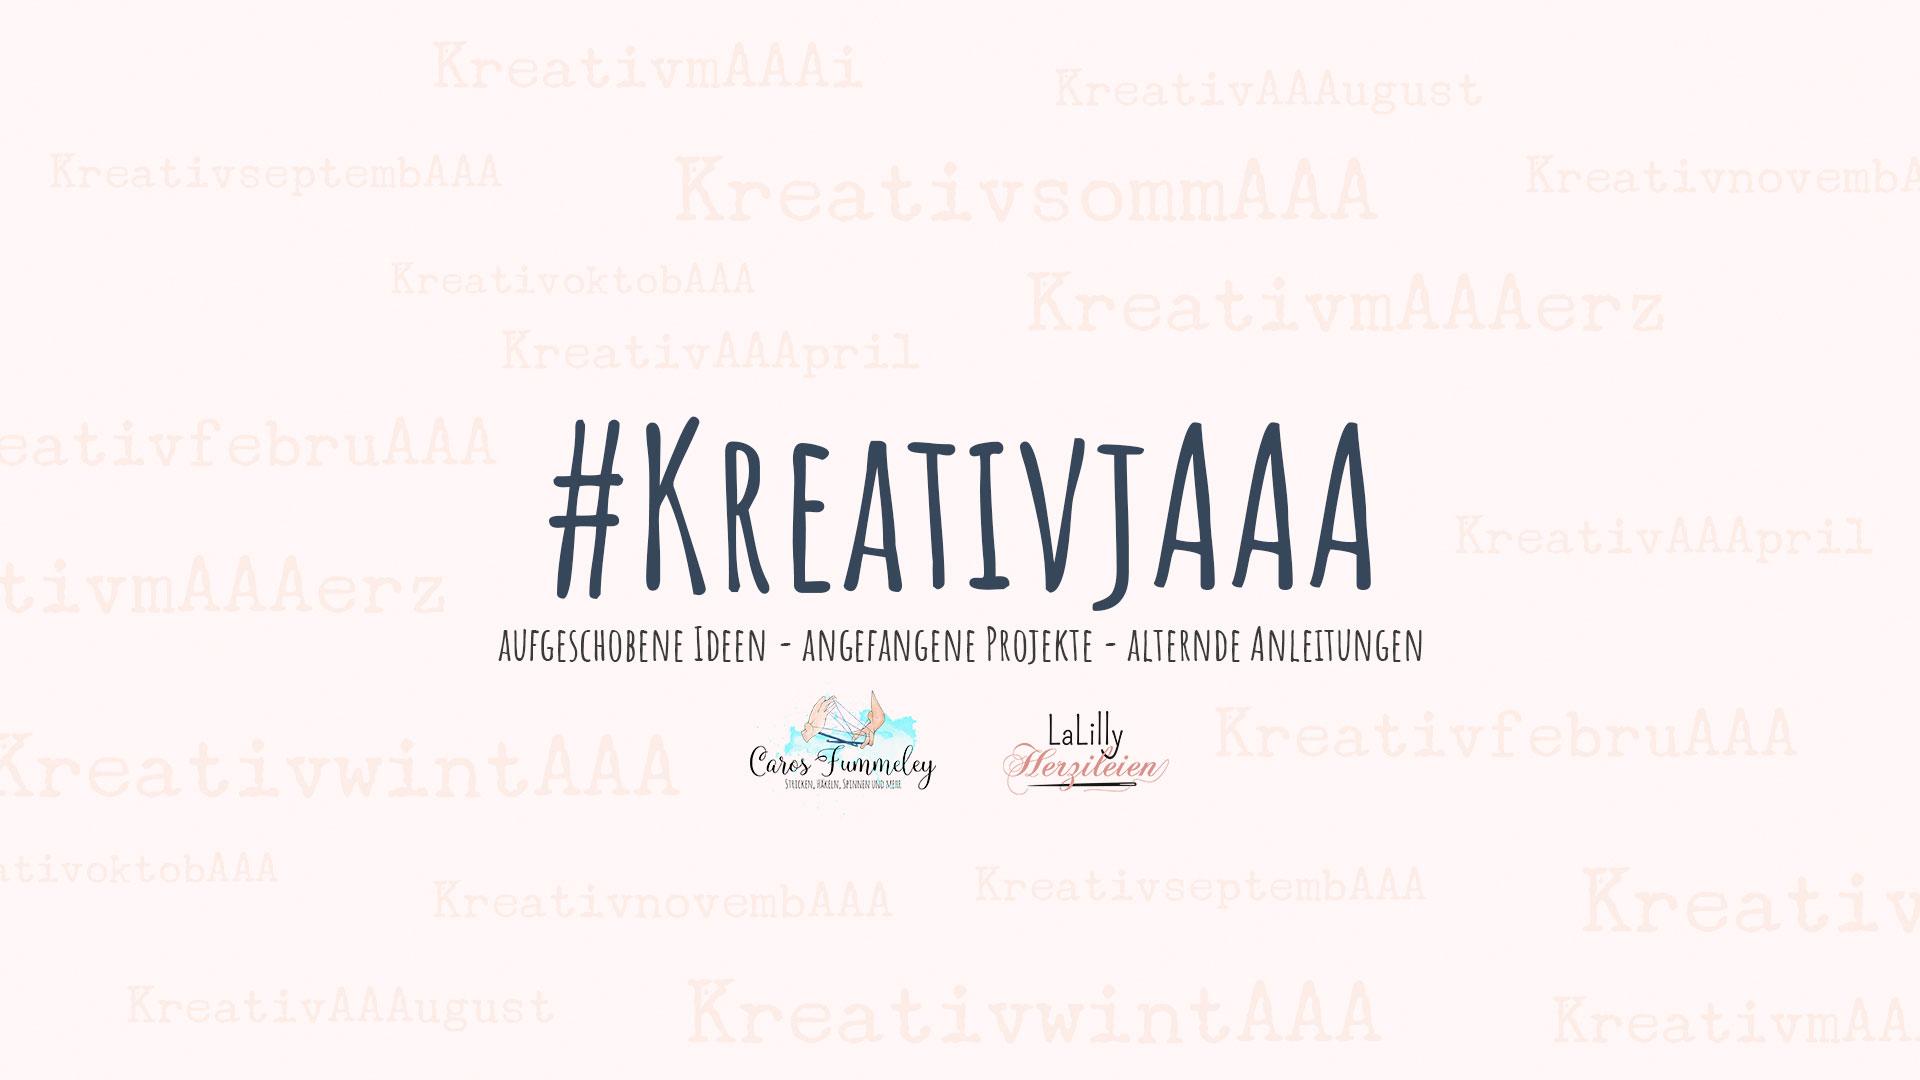 #KreativjAAA – Mein KreativwintAAA und das erste Challenge Projekt